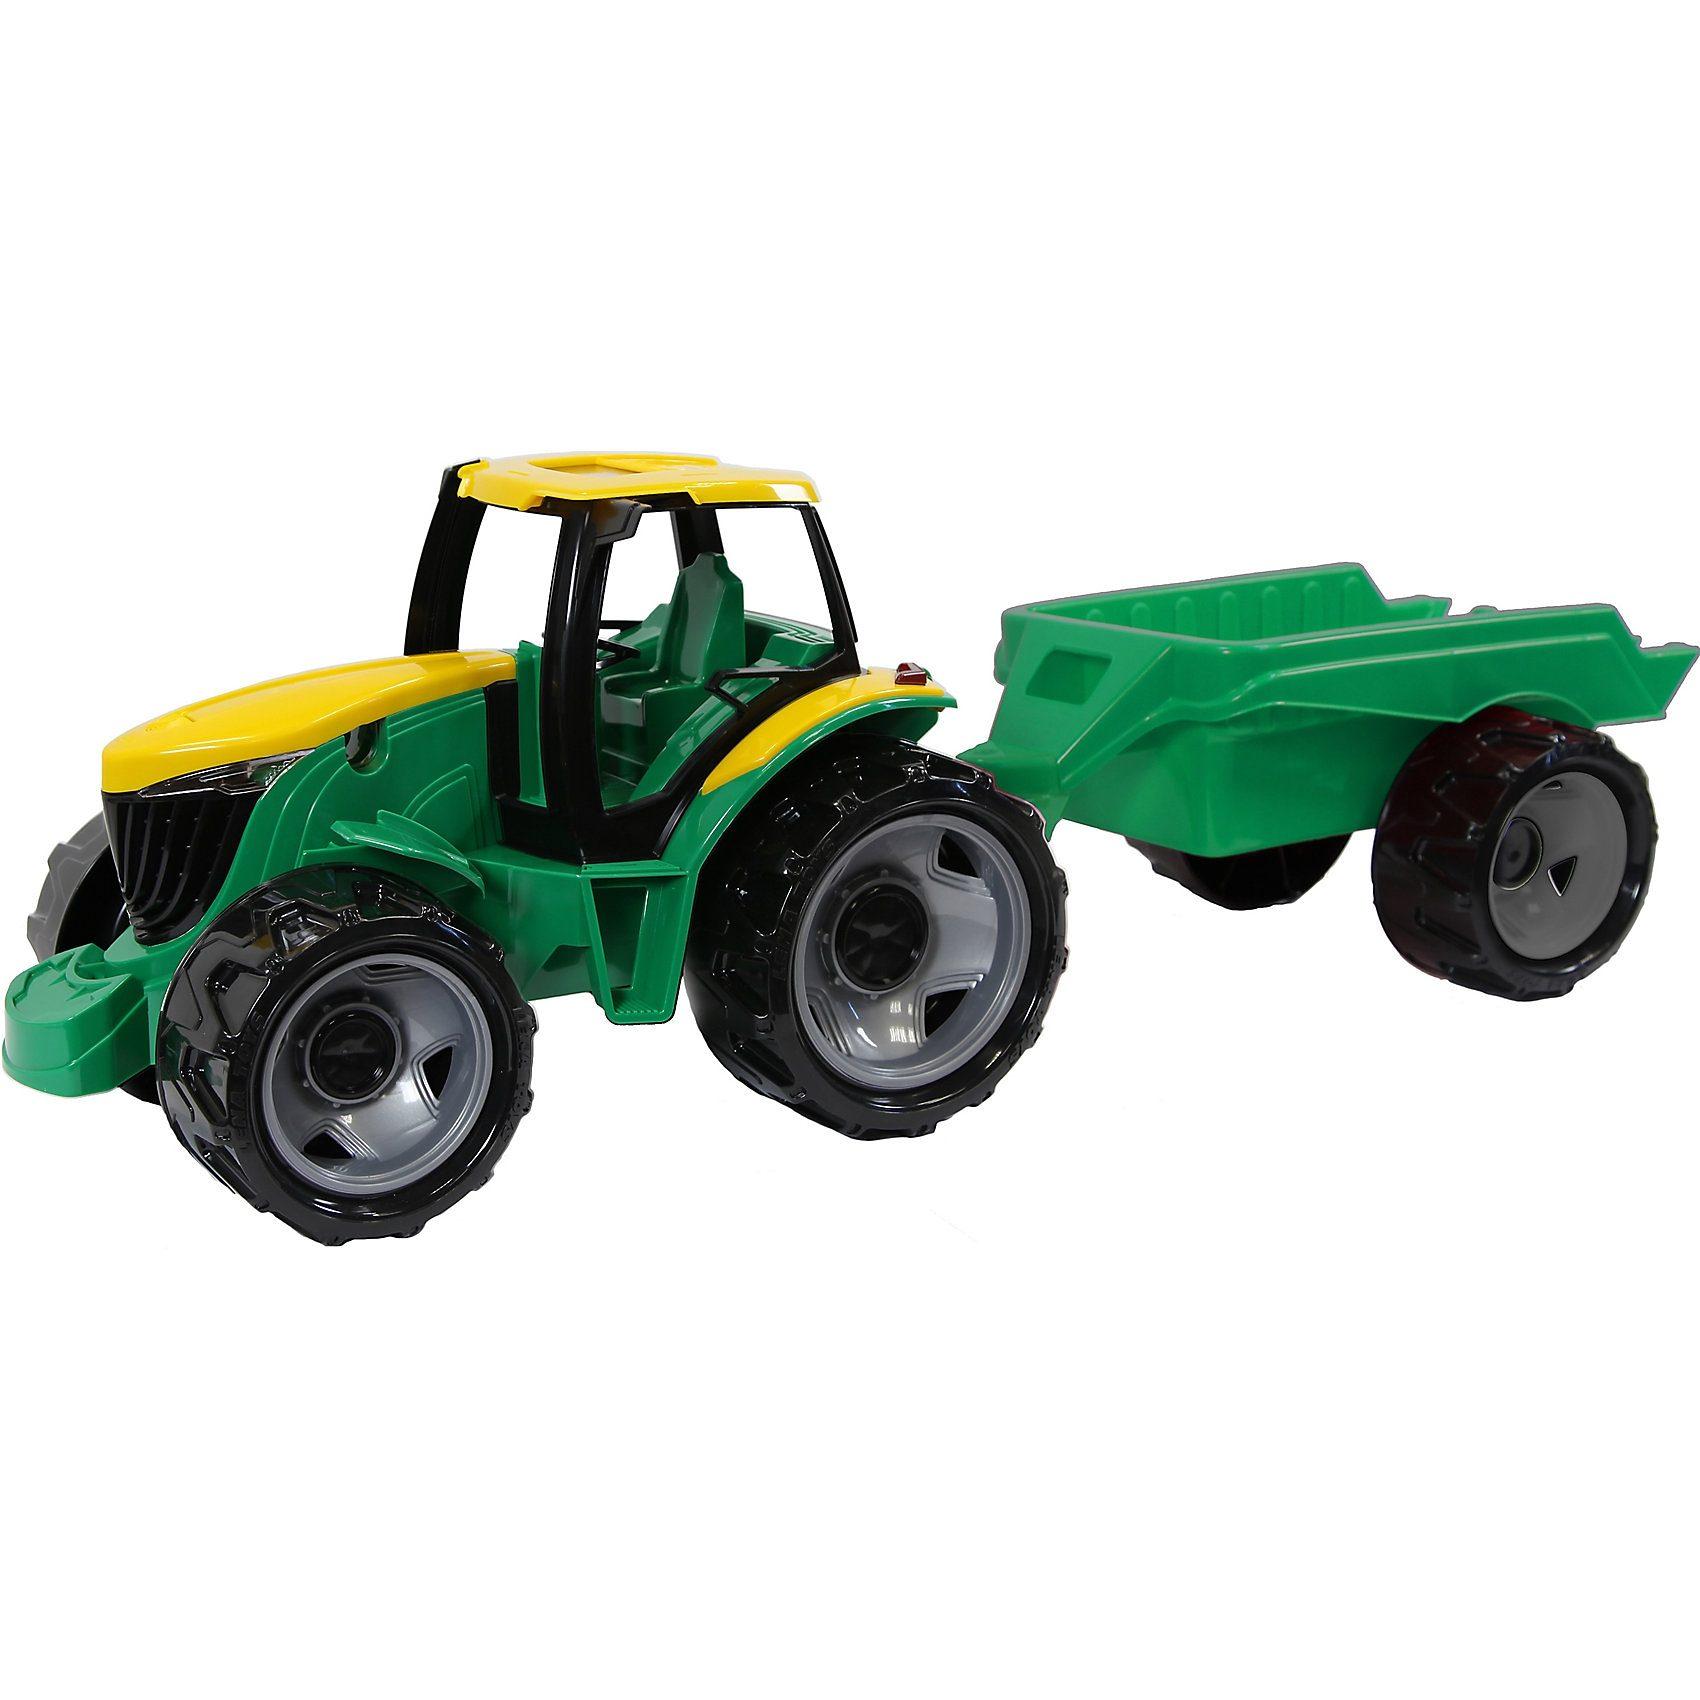 LENA Traktor ohne Schaufel mit Anhänger, Länge 48 cm